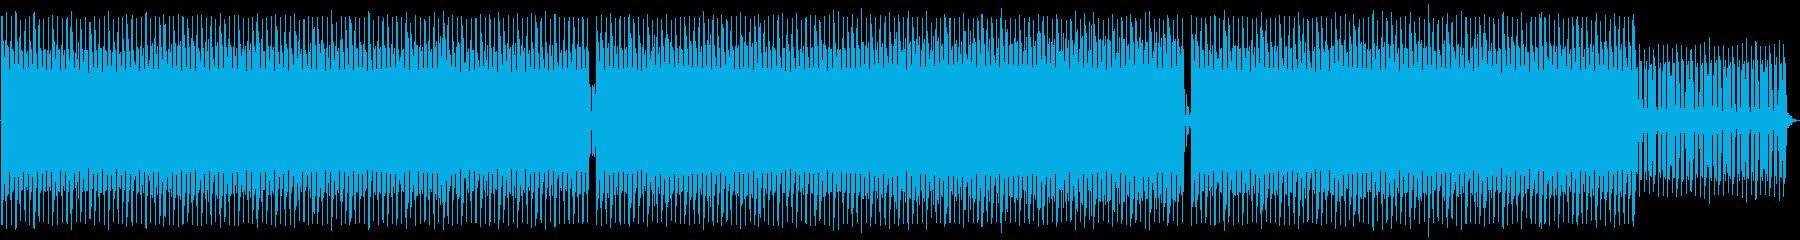 Grooveテクノはシンプルで、シ...の再生済みの波形